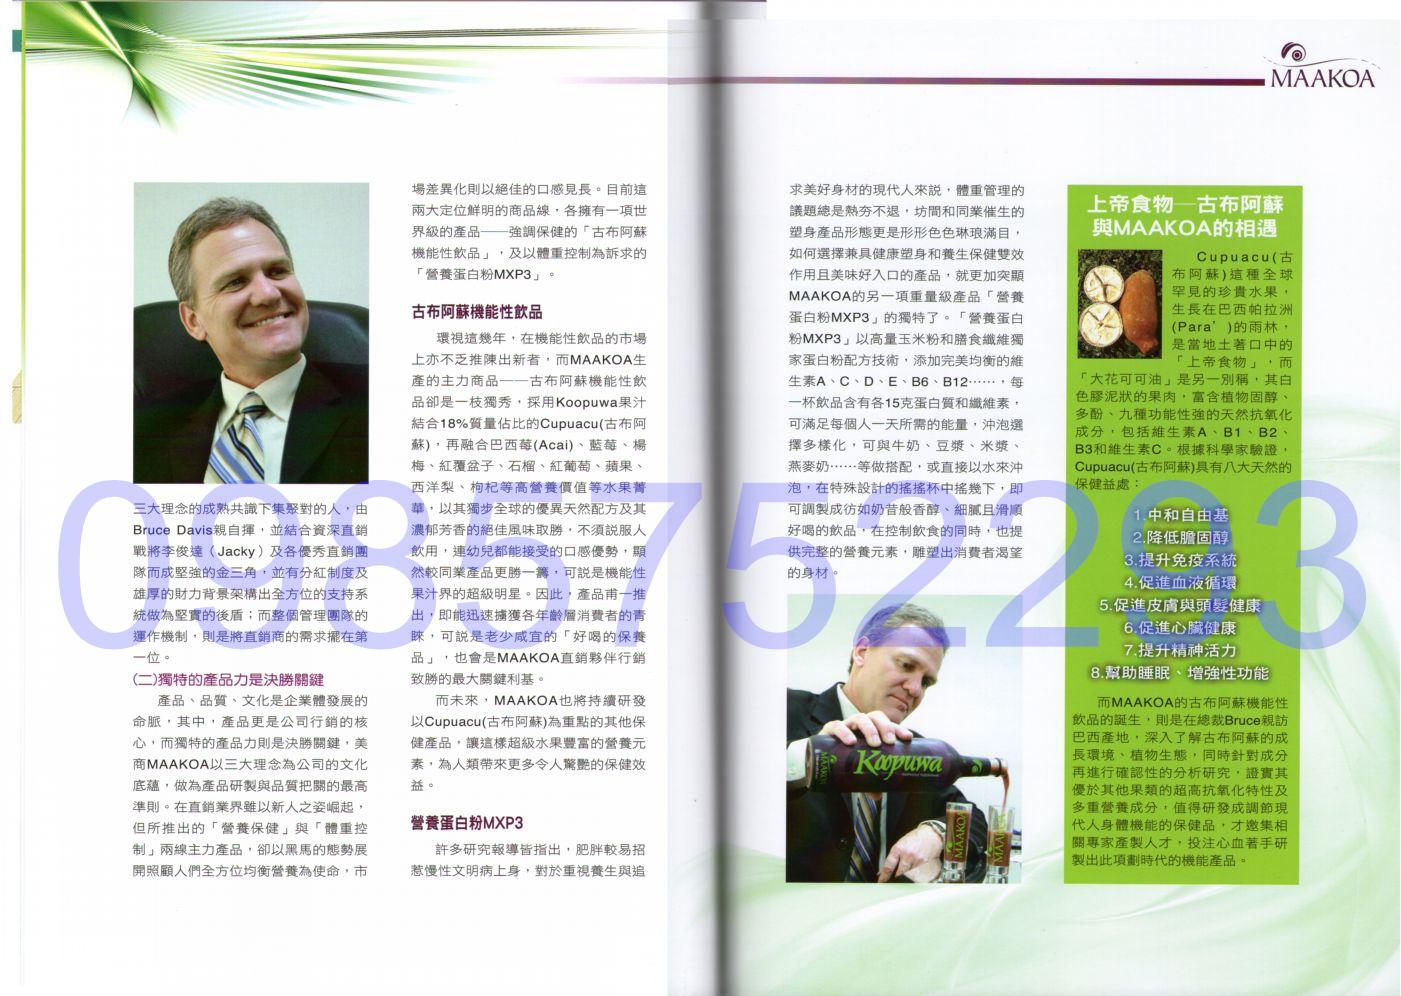 直銷世紀7月份雜誌內頁_4&5_J.jpg